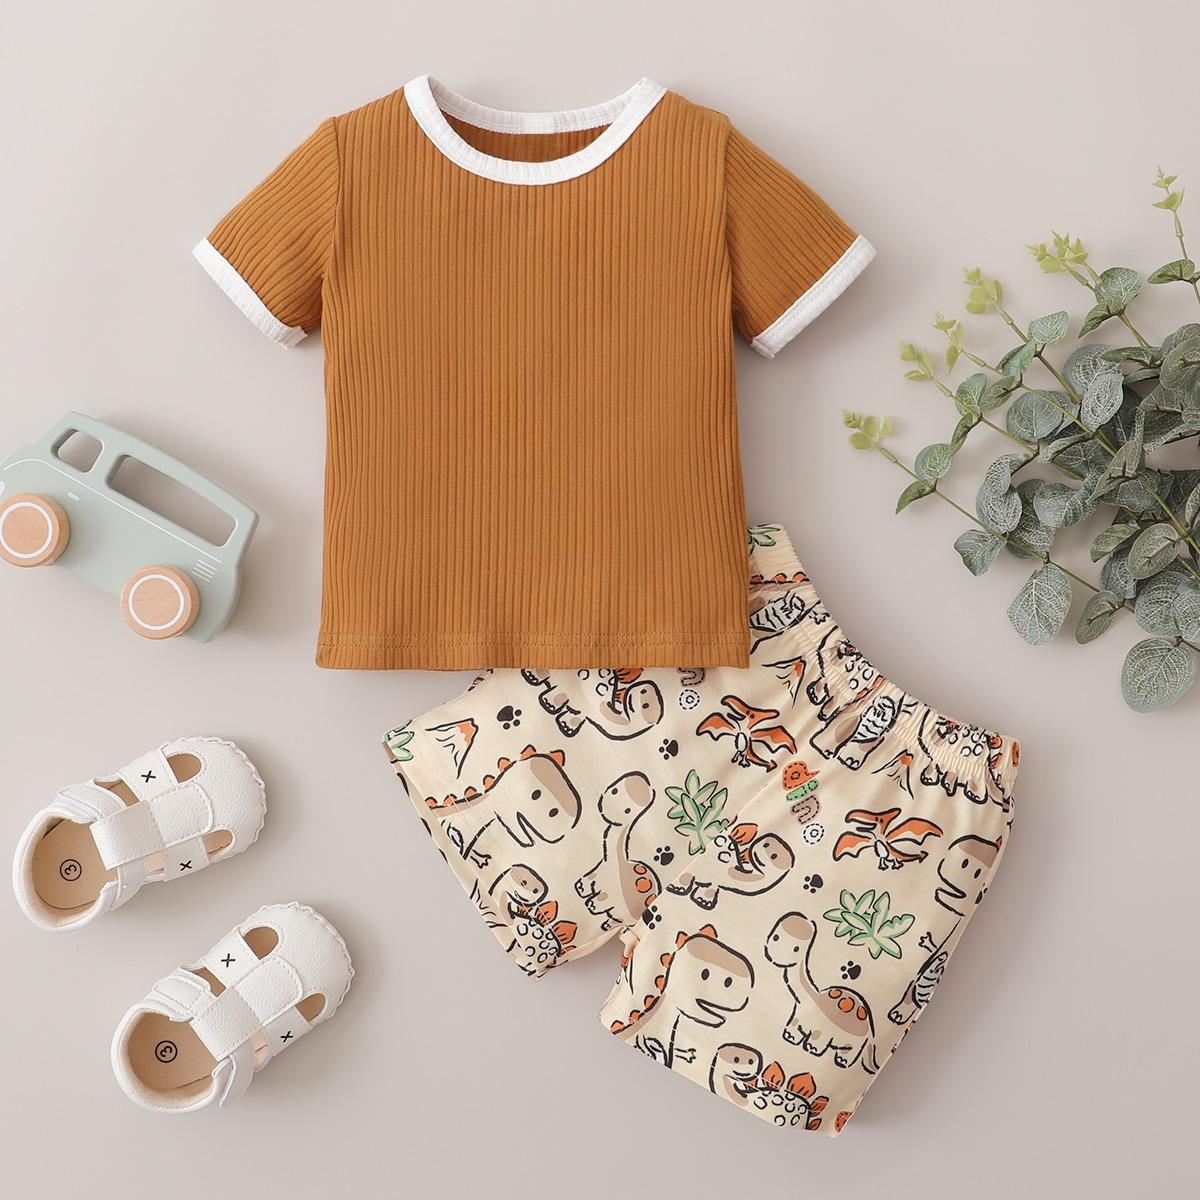 Rippenstrick t-Shirt mit Kontrast-Binde und Shorts mit Karikatur Muster